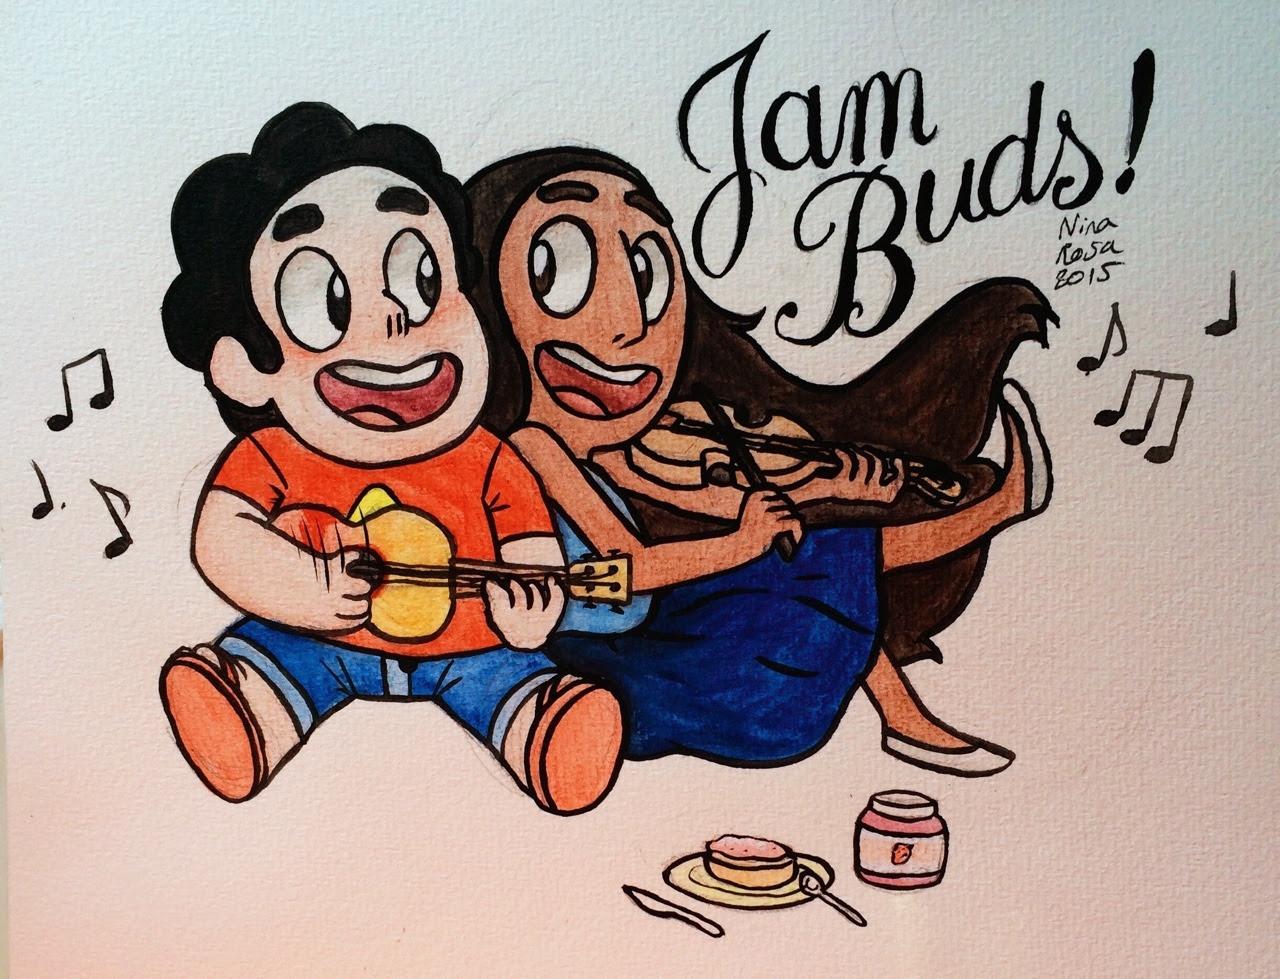 Jam Buds!